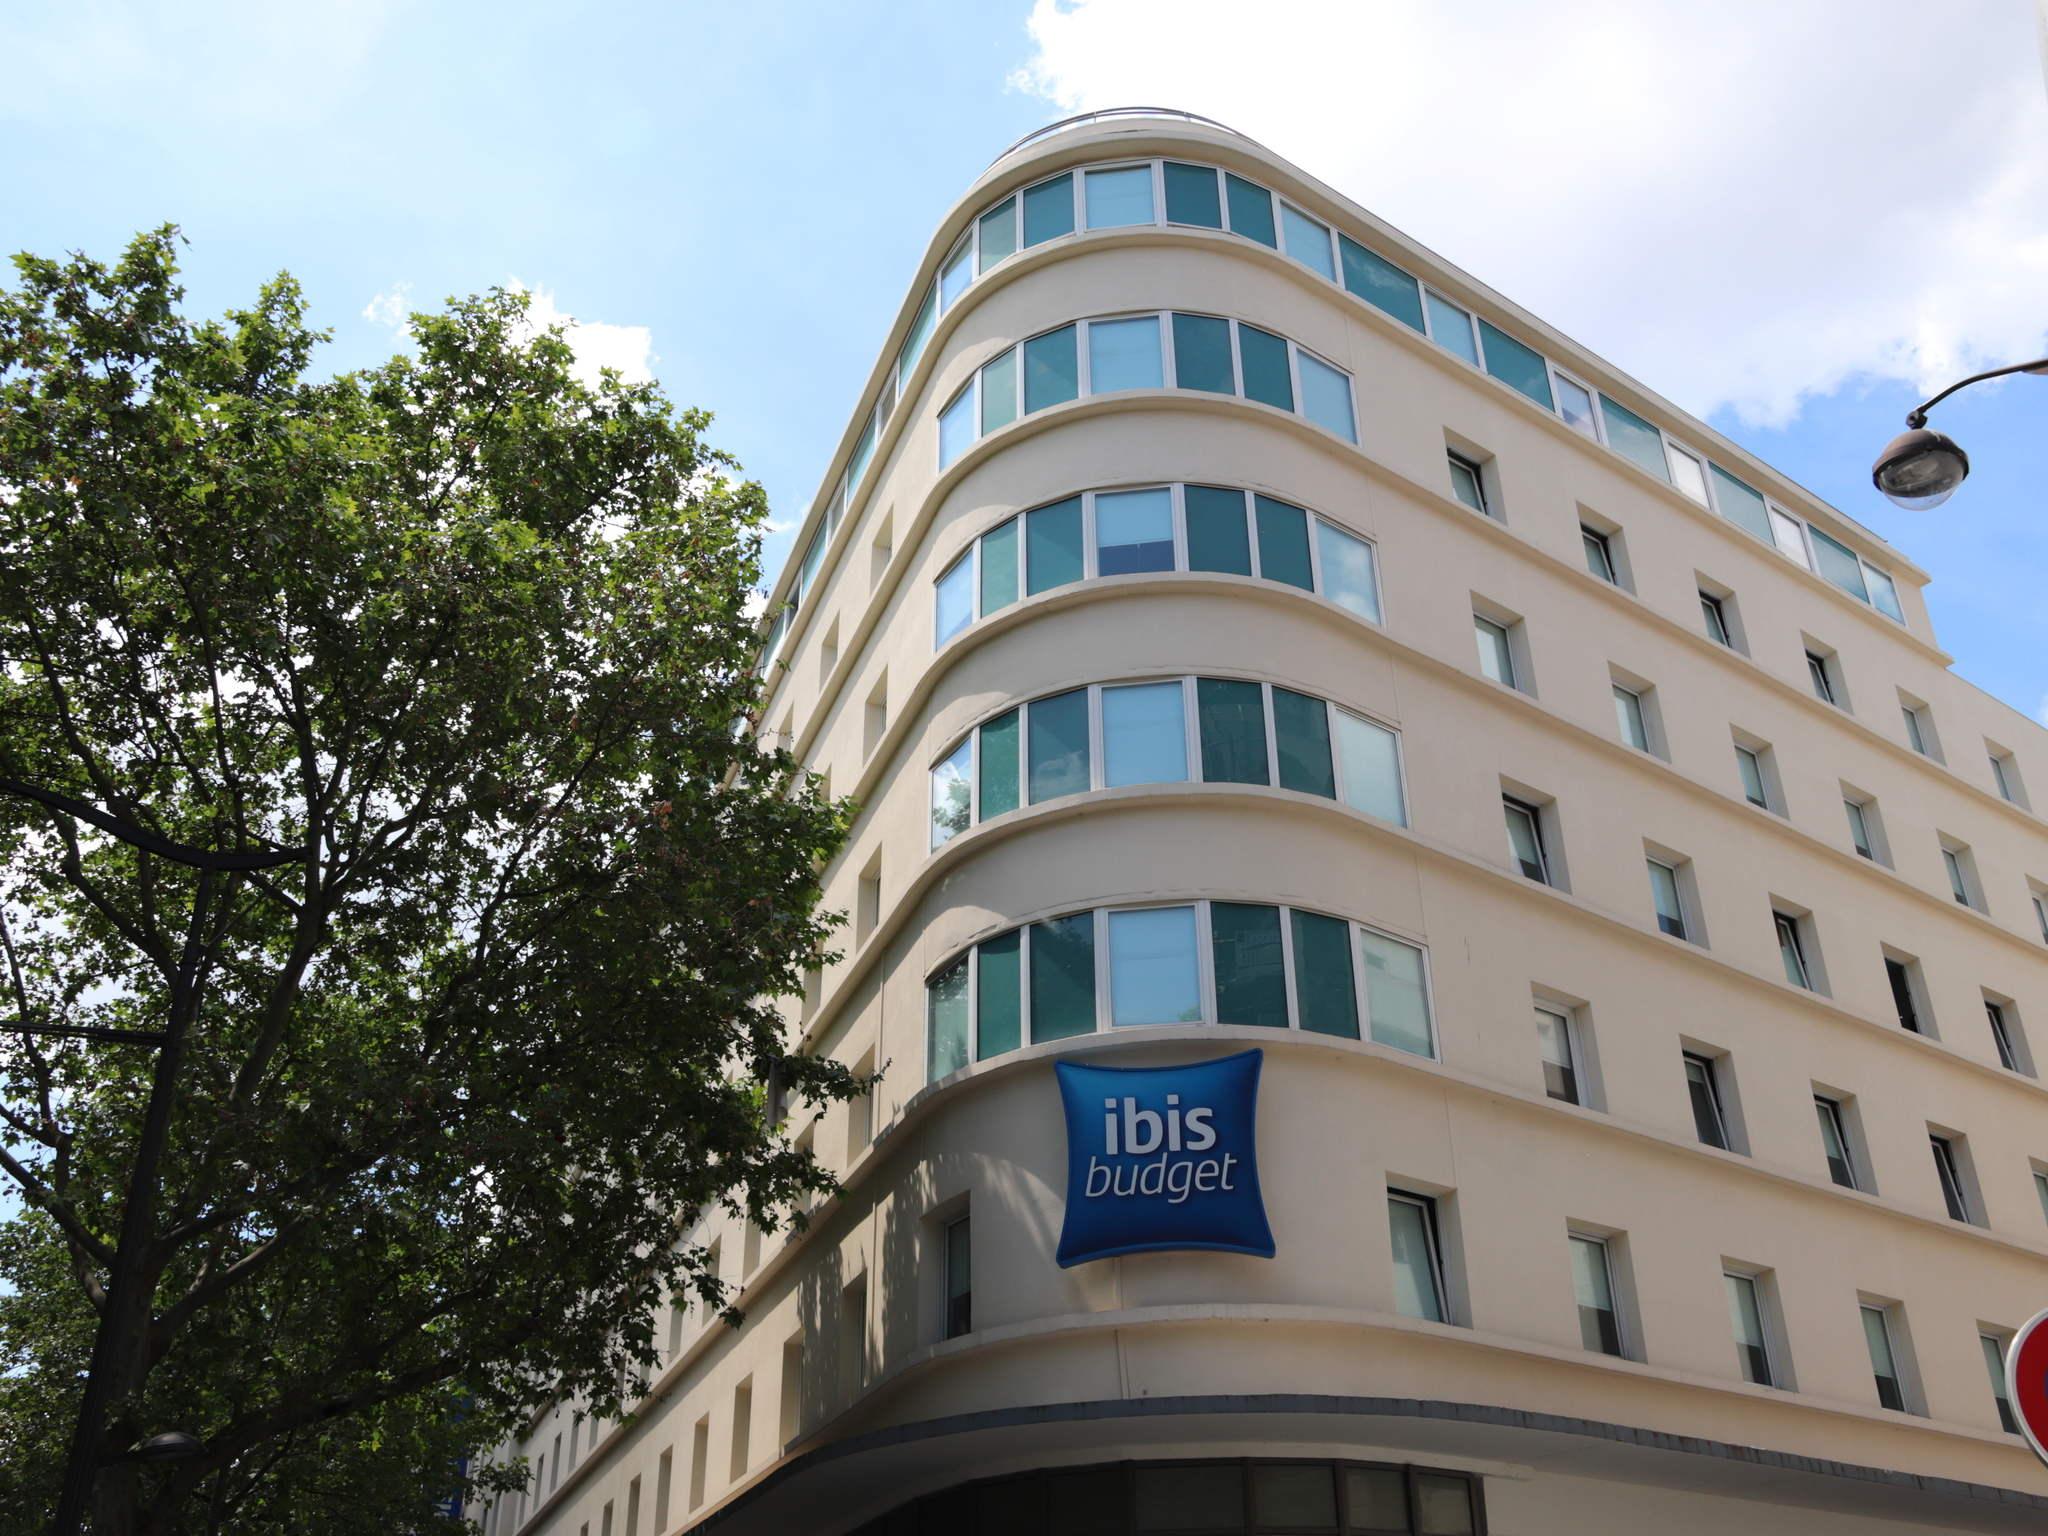 Hotel – ibis budget París La Villette distrito XIX